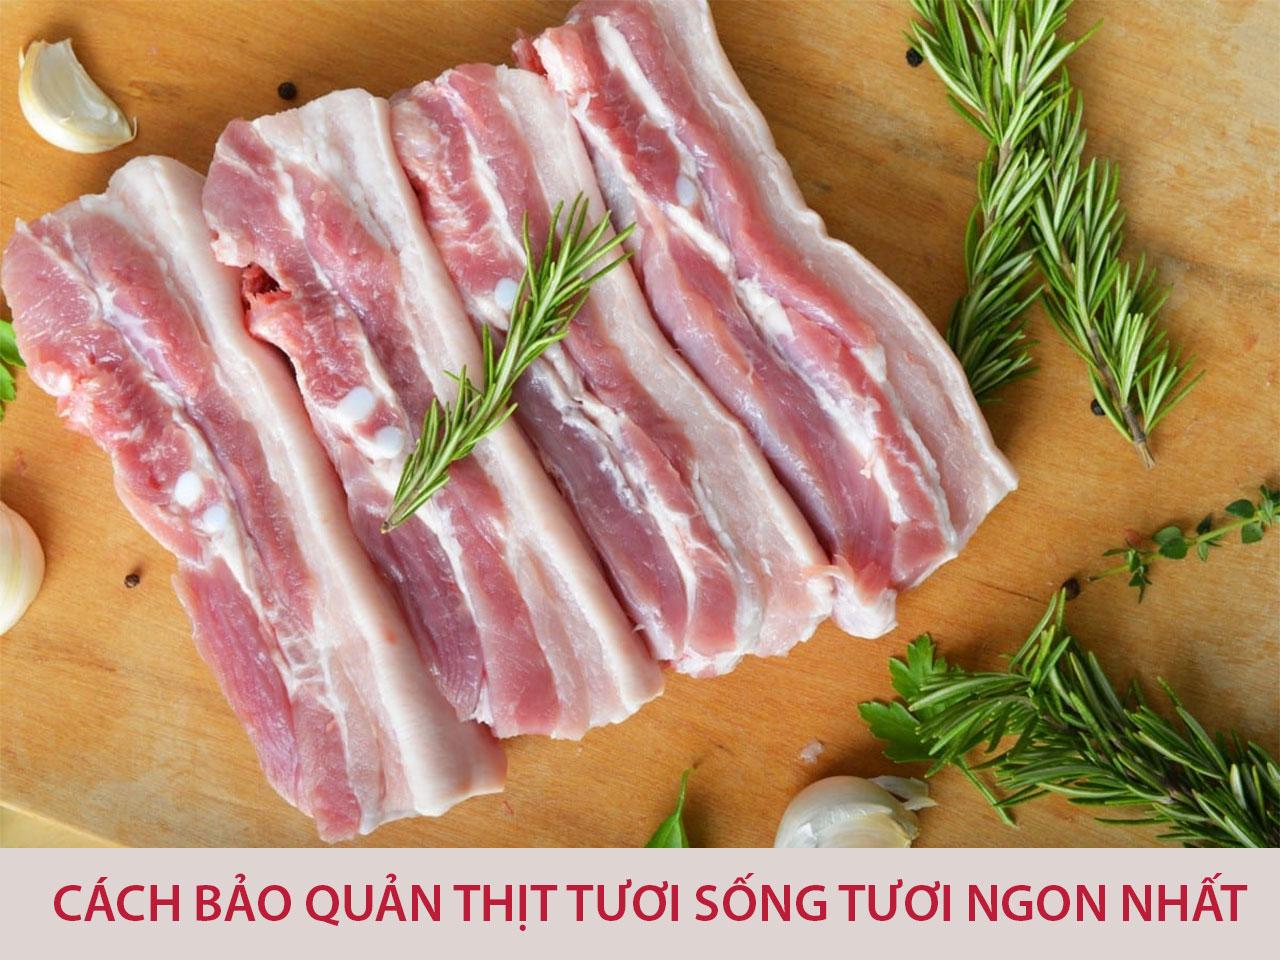 Mách bạn cách bảo quản thịt sống tươi ngon nhất